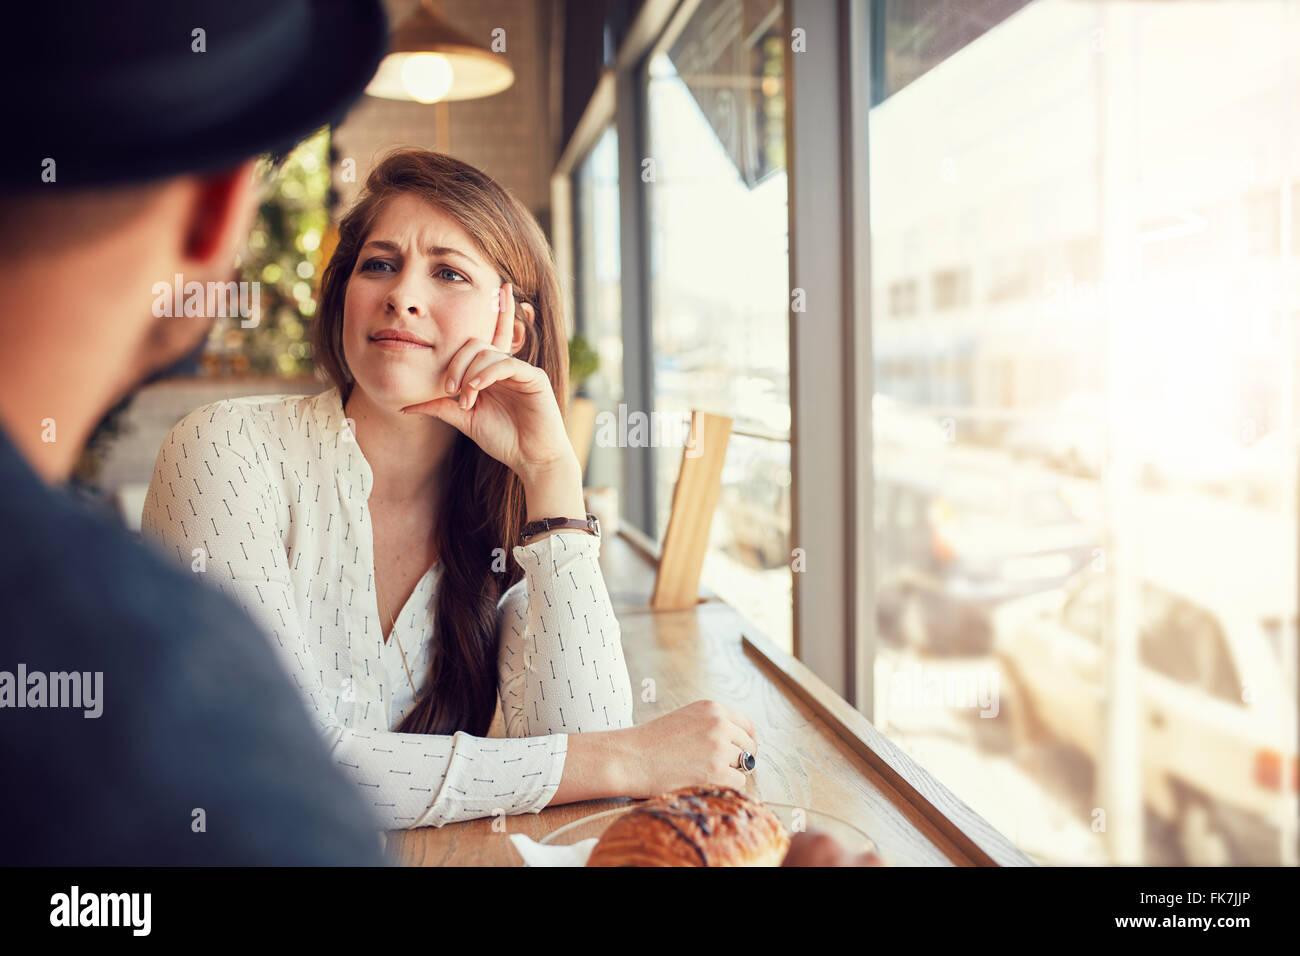 Schöne junge Frau in einem Café sitzen und mit Blick auf ihren Freund. Junges Paar im Coffee Shop. Stockbild